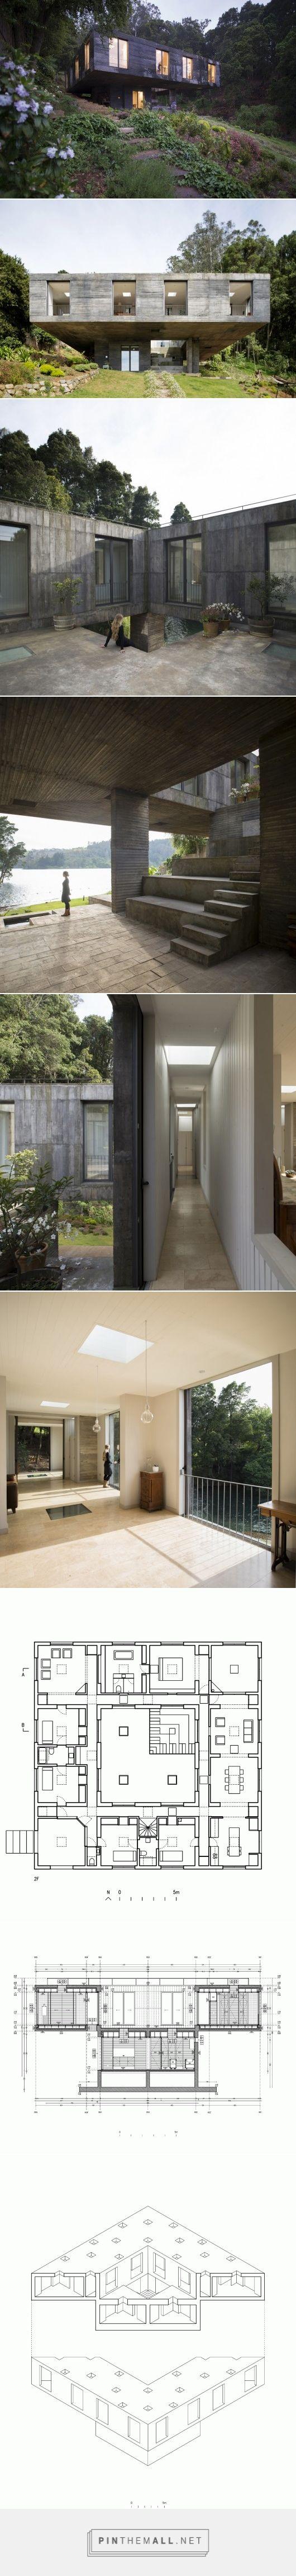 Guna House / Pezo von Ellrichshausen | ArchDaily: